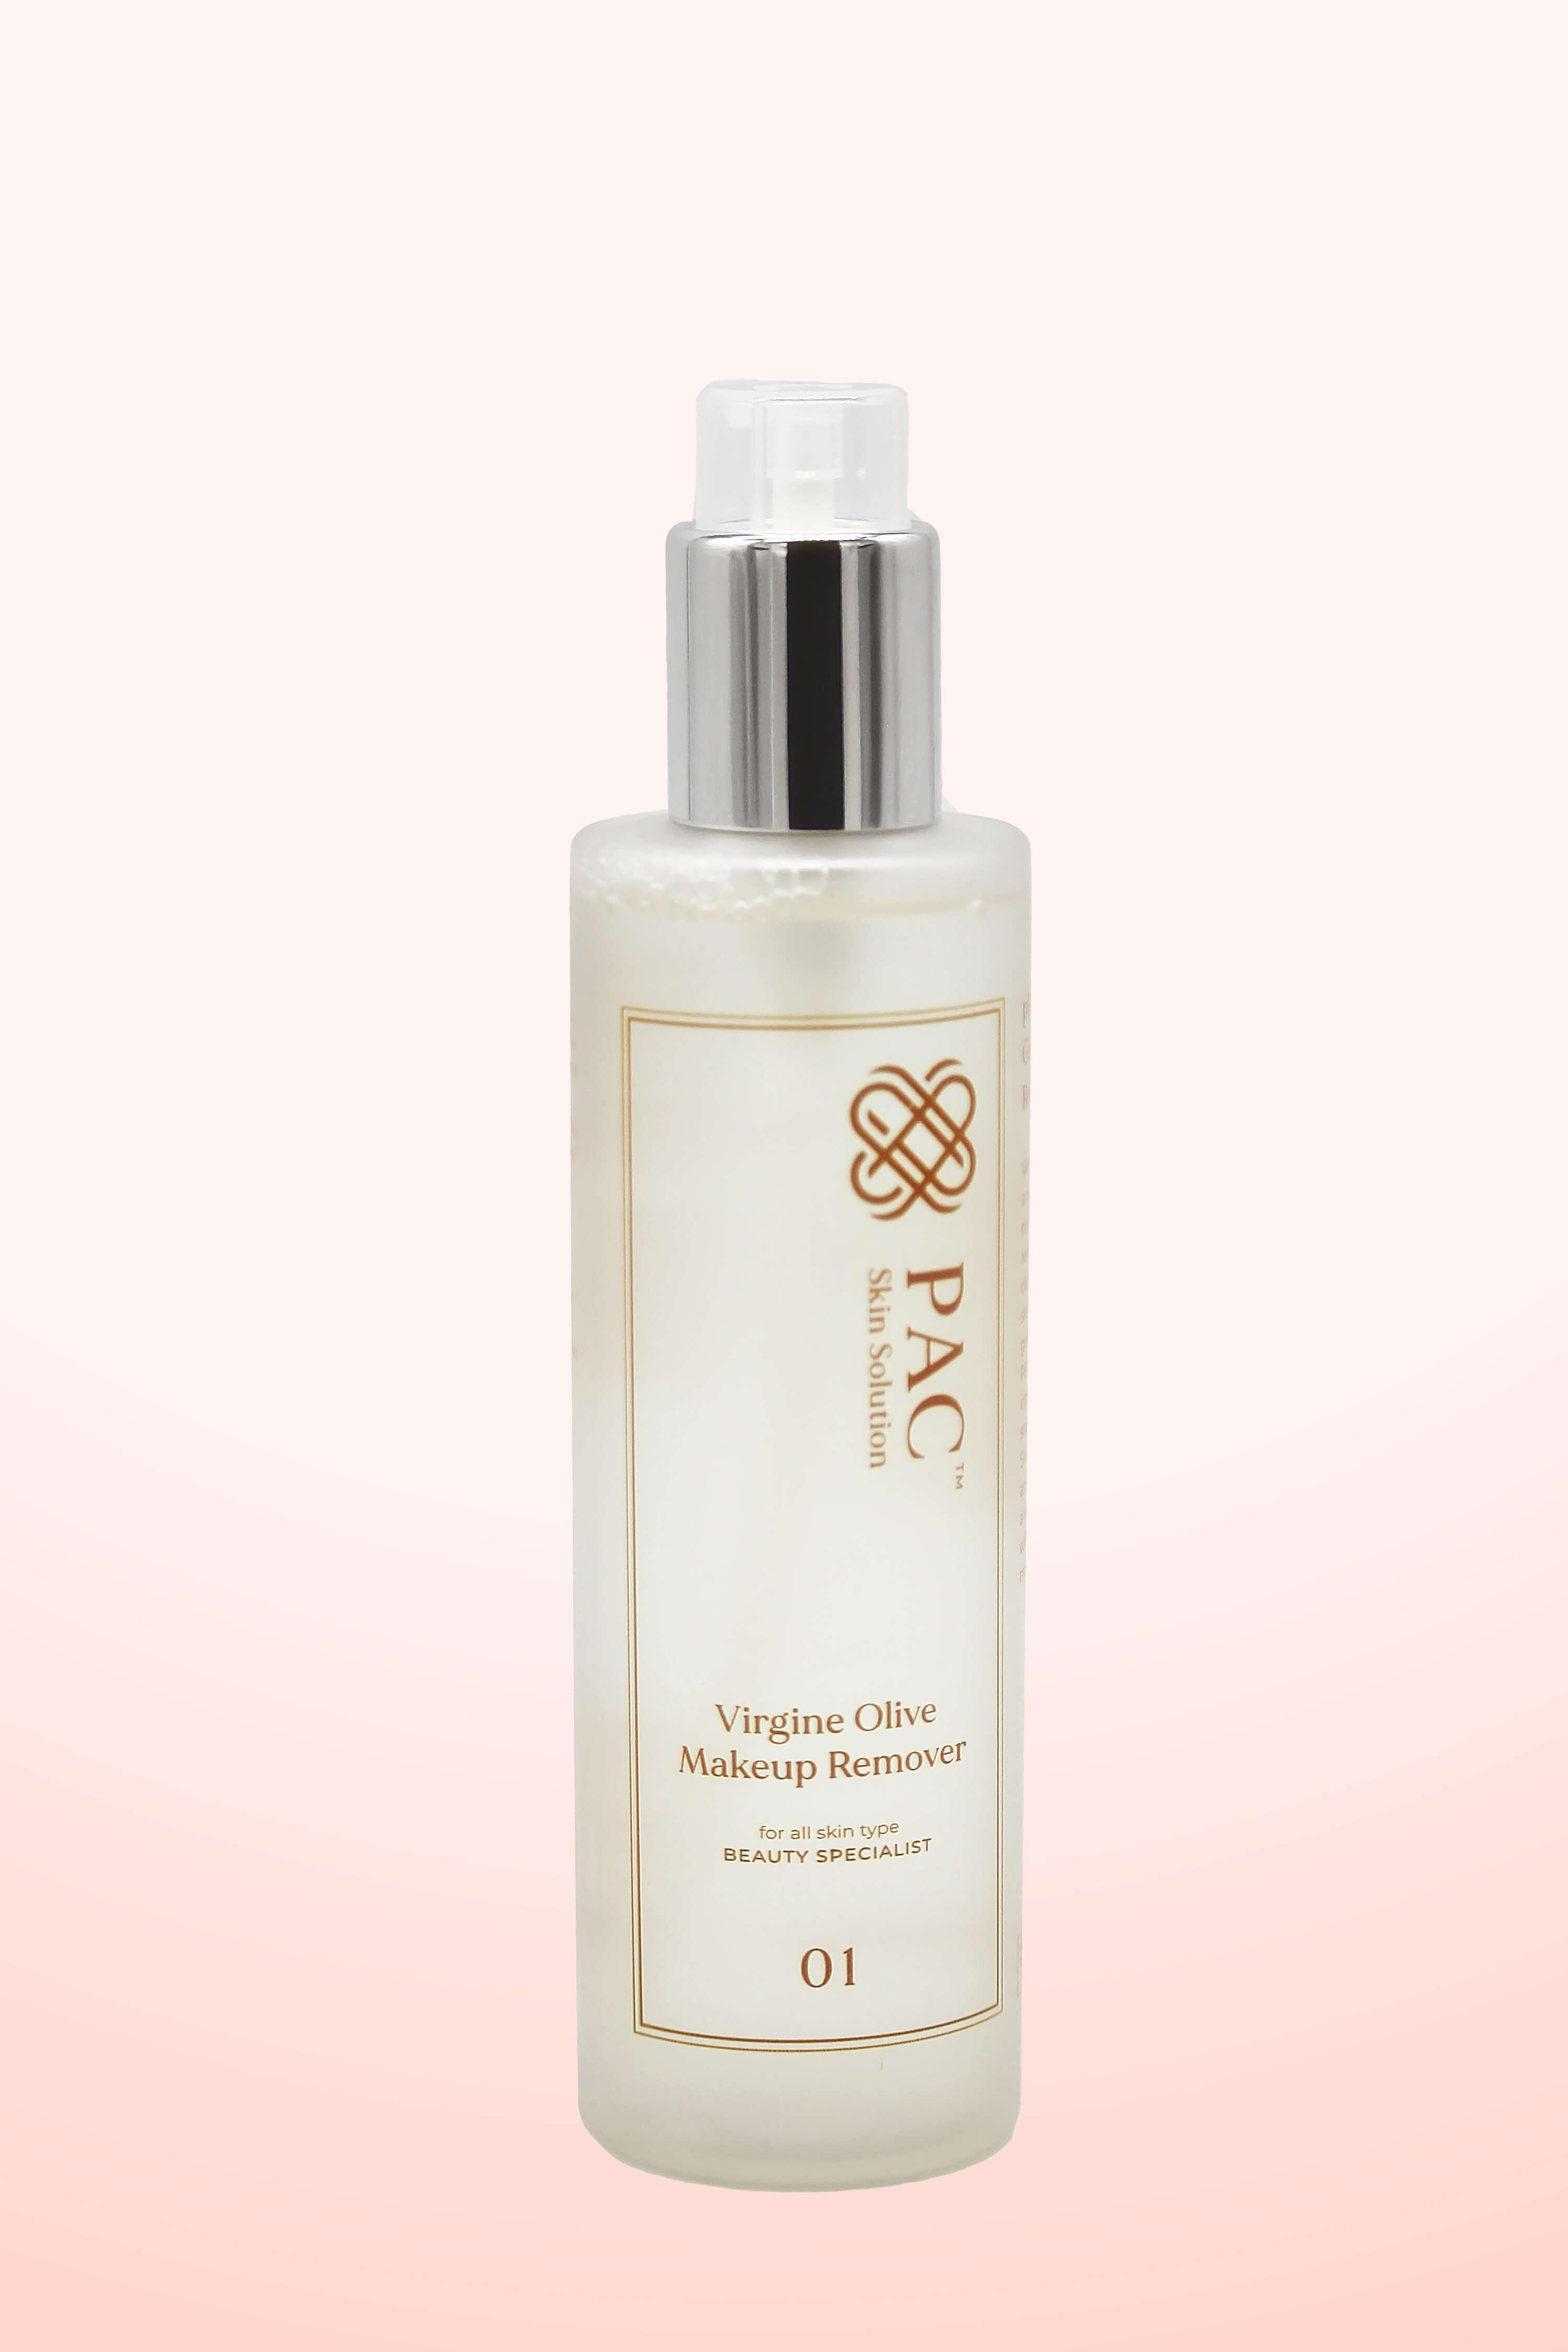 Virgine Olive Makeup Remover